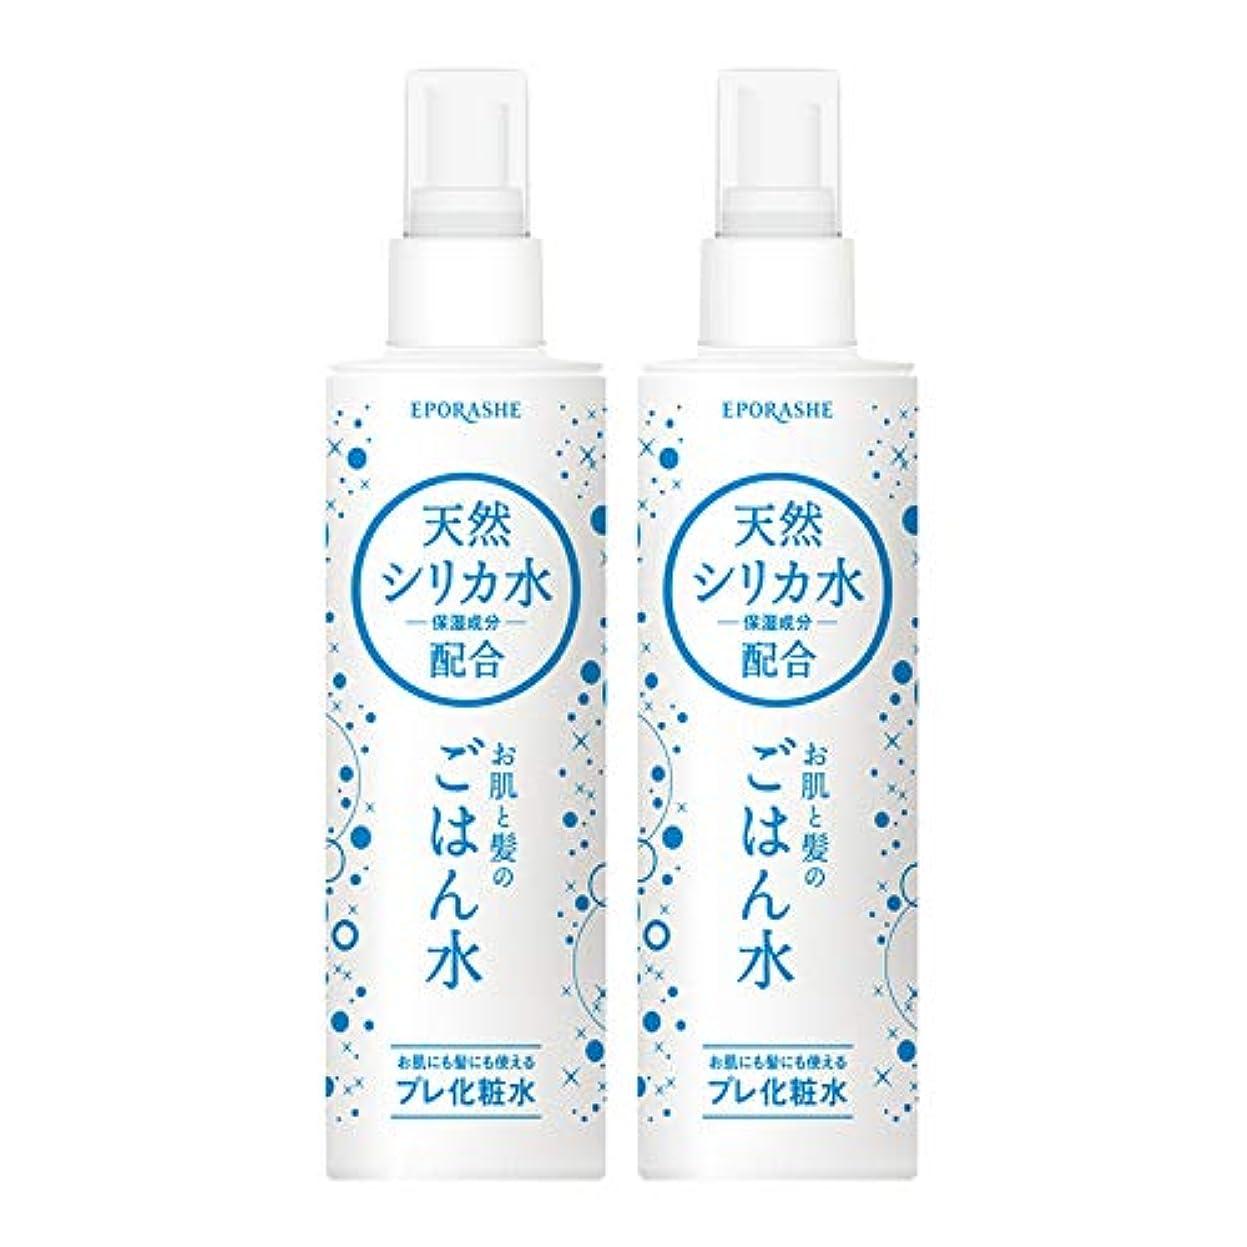 路面電車うまテンポEPORASHE お肌と髪のごはん水 (2本) ケイ素(天然シリカ)のプレ化粧水